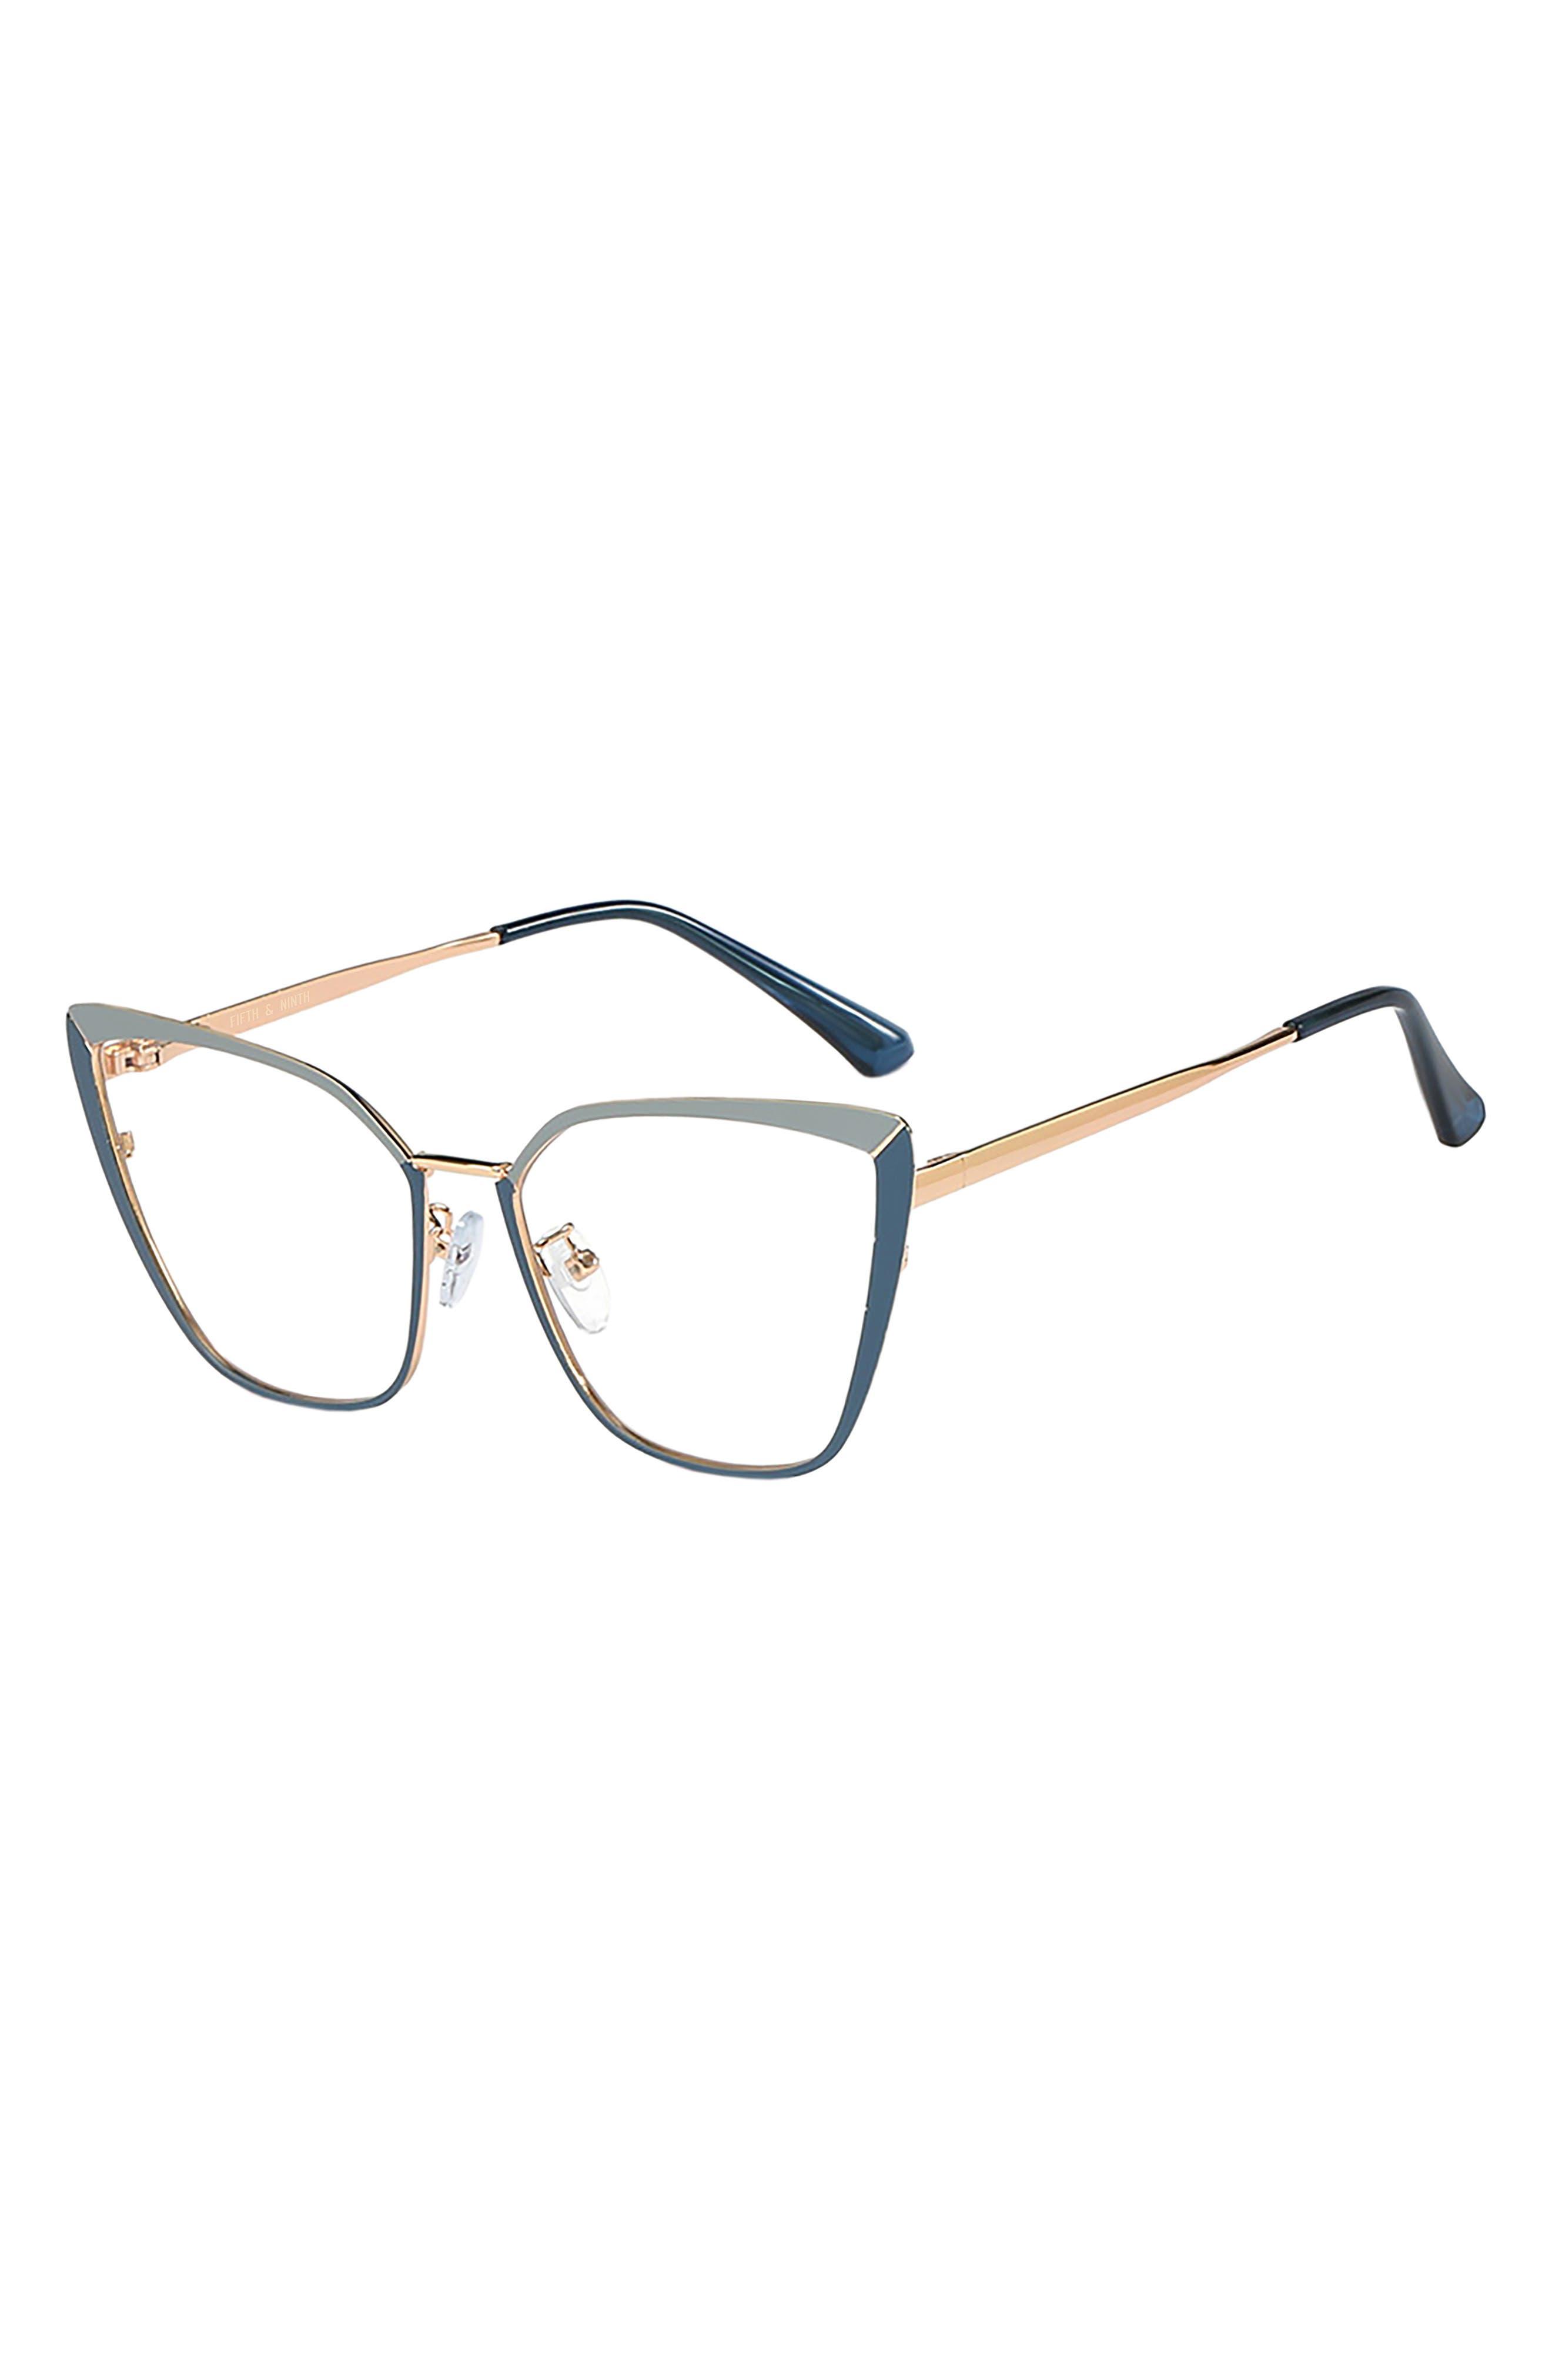 Odessa 53mm Cat Eye Blue Light Blocking Glasses